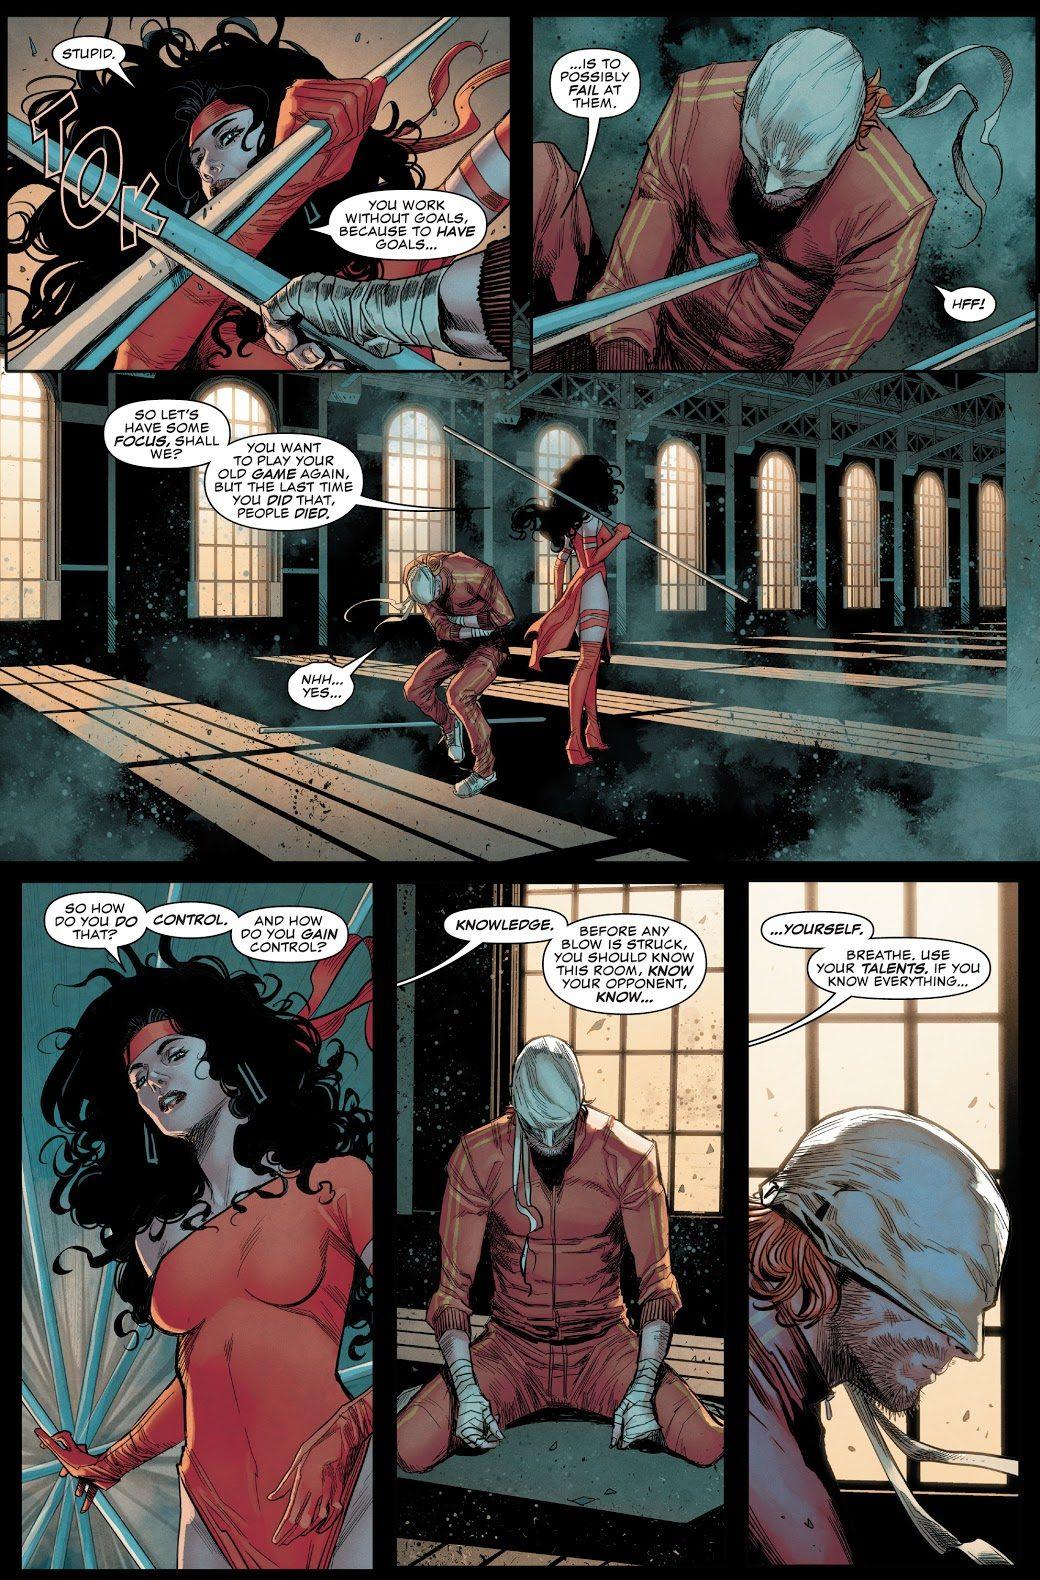 Elektra Trains Daredevil (Daredevil Vol. 6 #13)